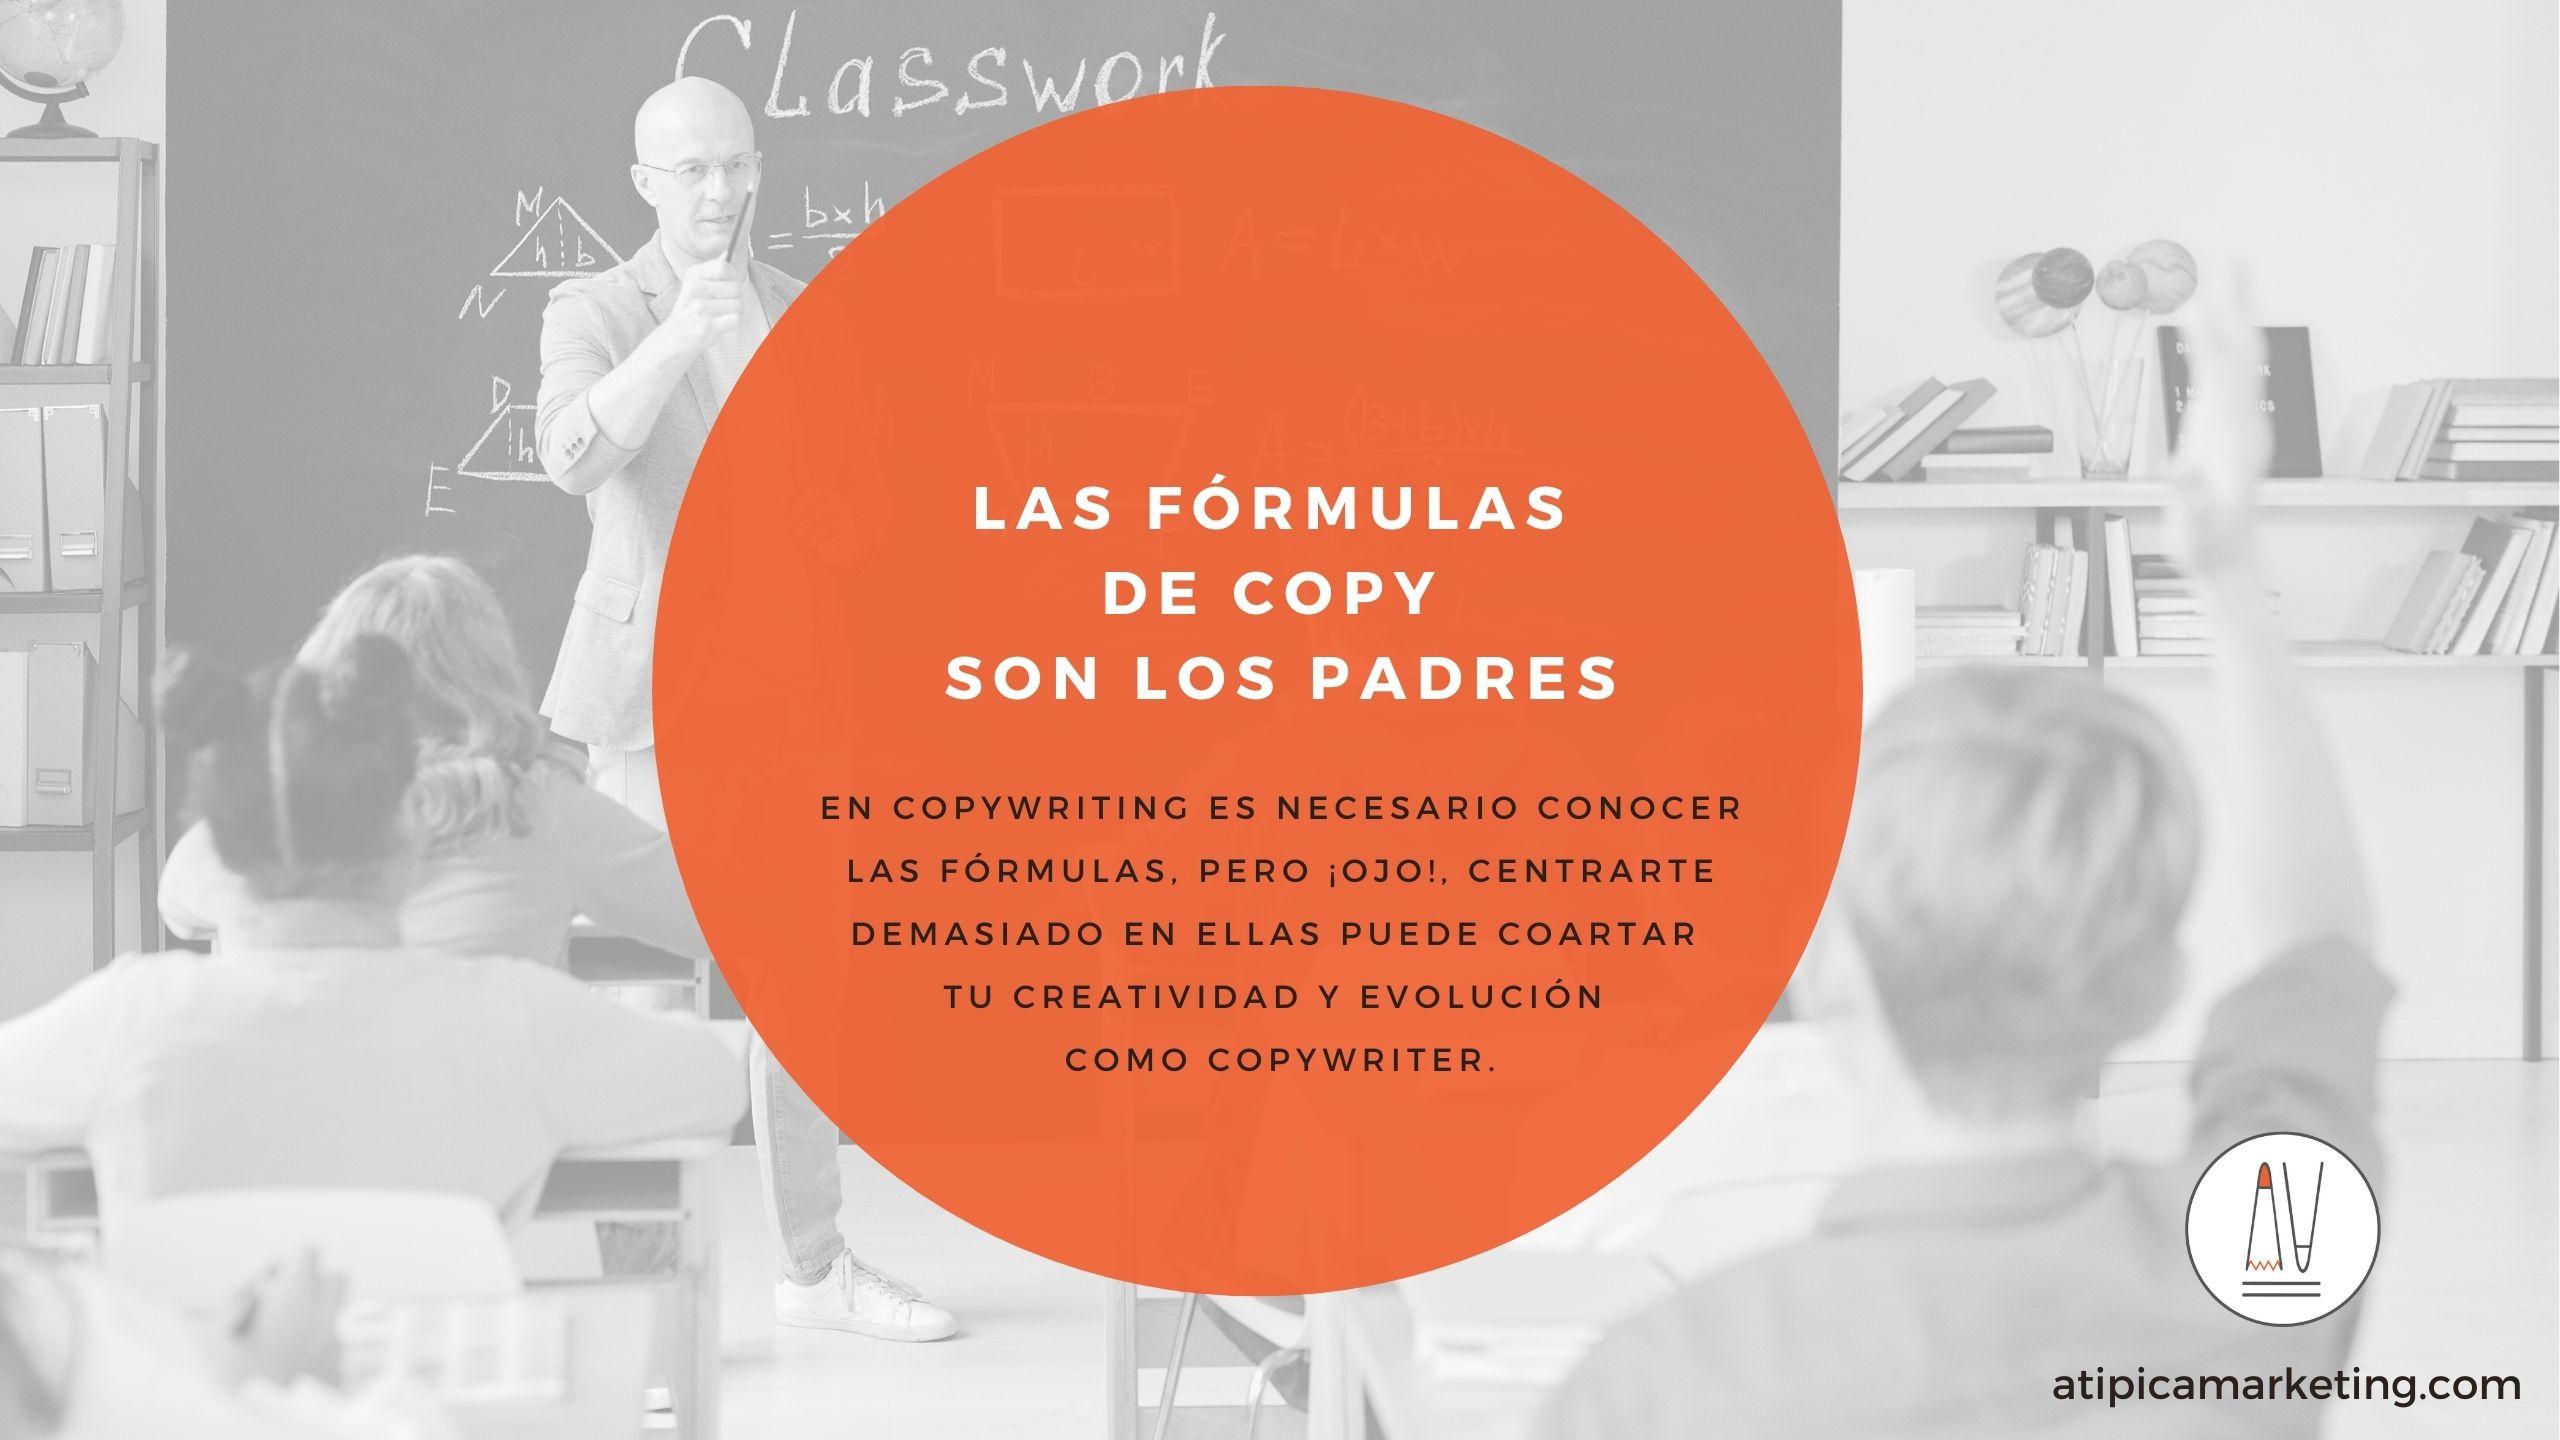 Las fórmulas en copywriting son los padres